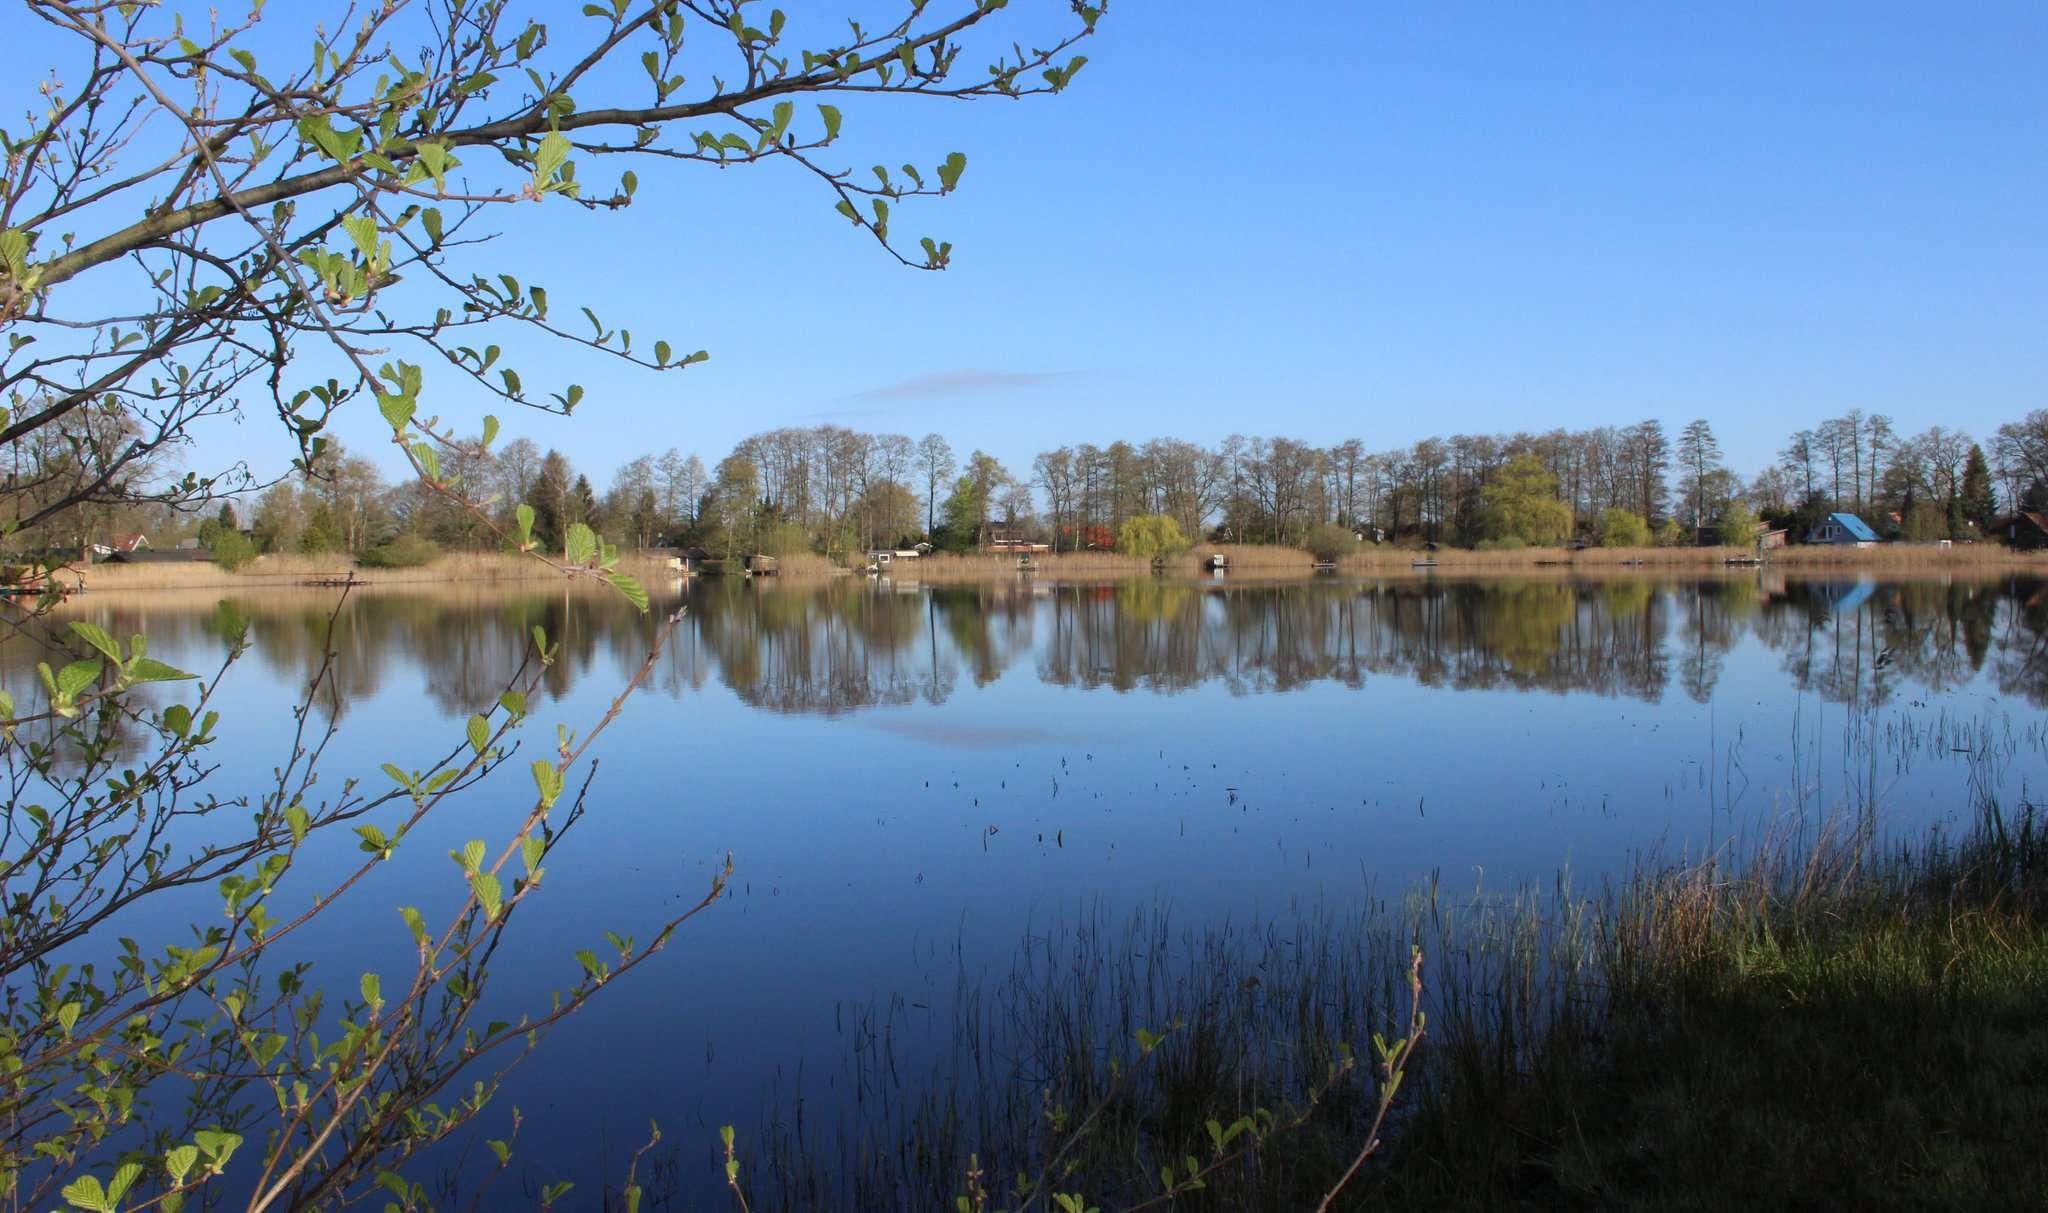 Der Otterstedter See, oder besser die Algen darin, beschäftigen den Ortsrat am kommenden Montag. Foto: Björn Blaak